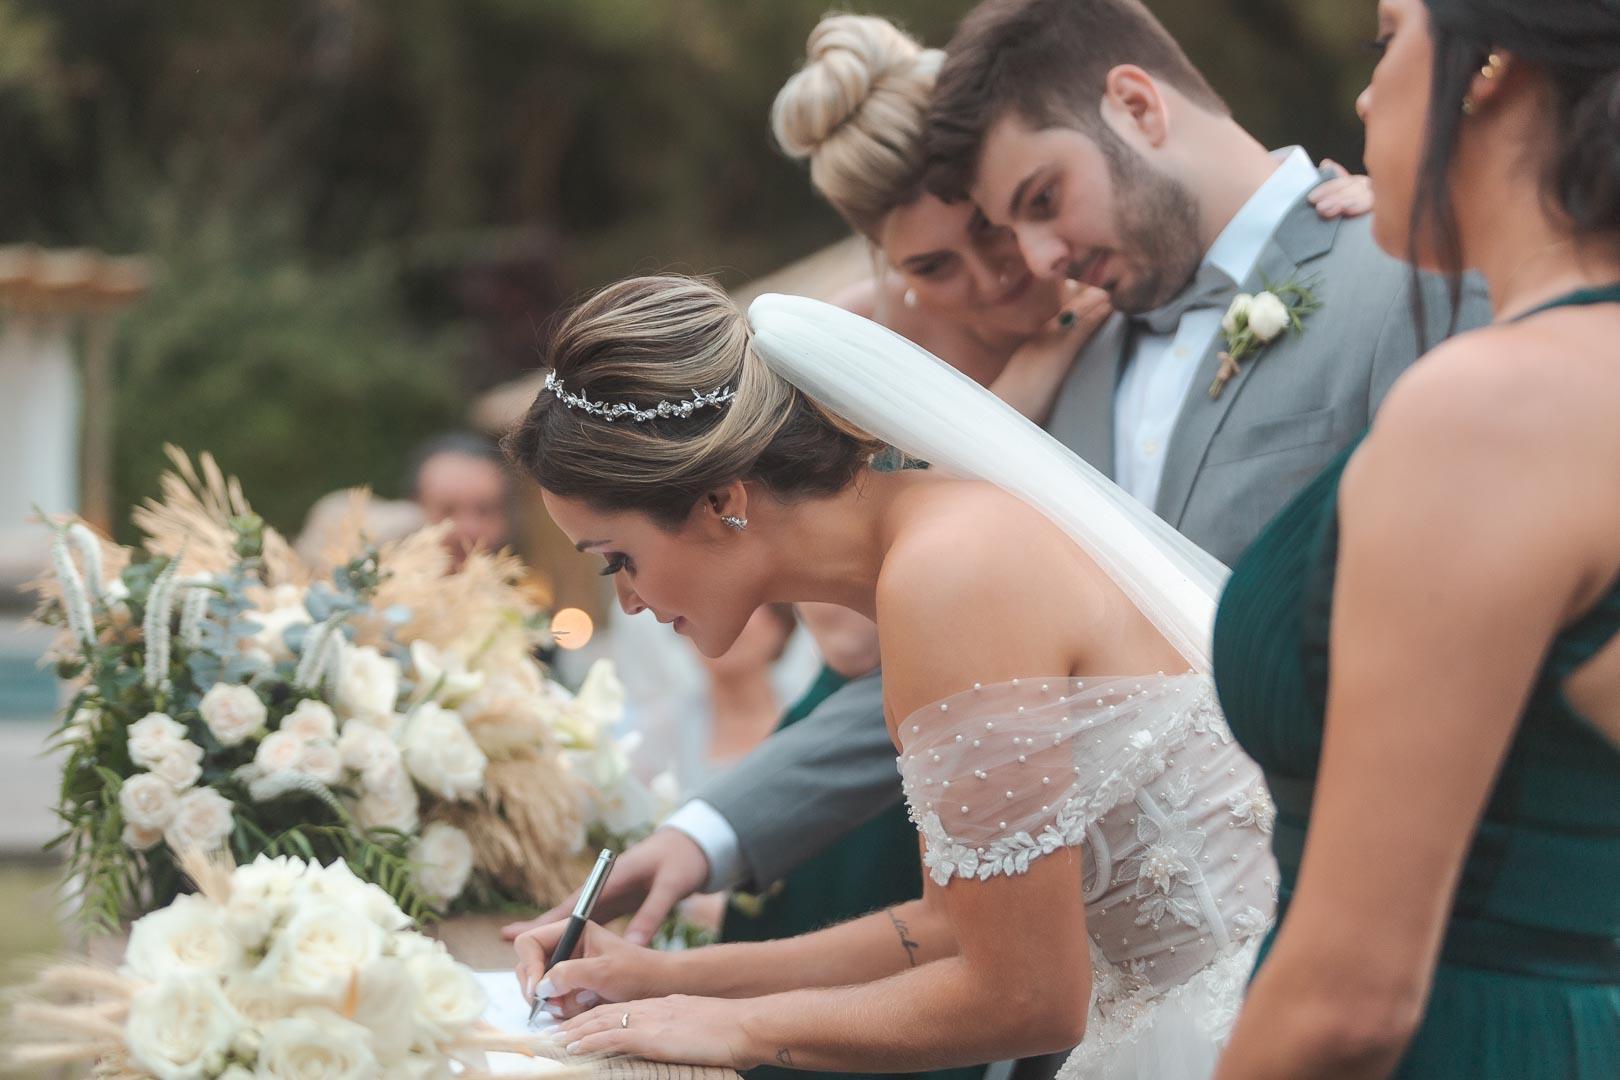 casamento religioso com efeito civil o que é